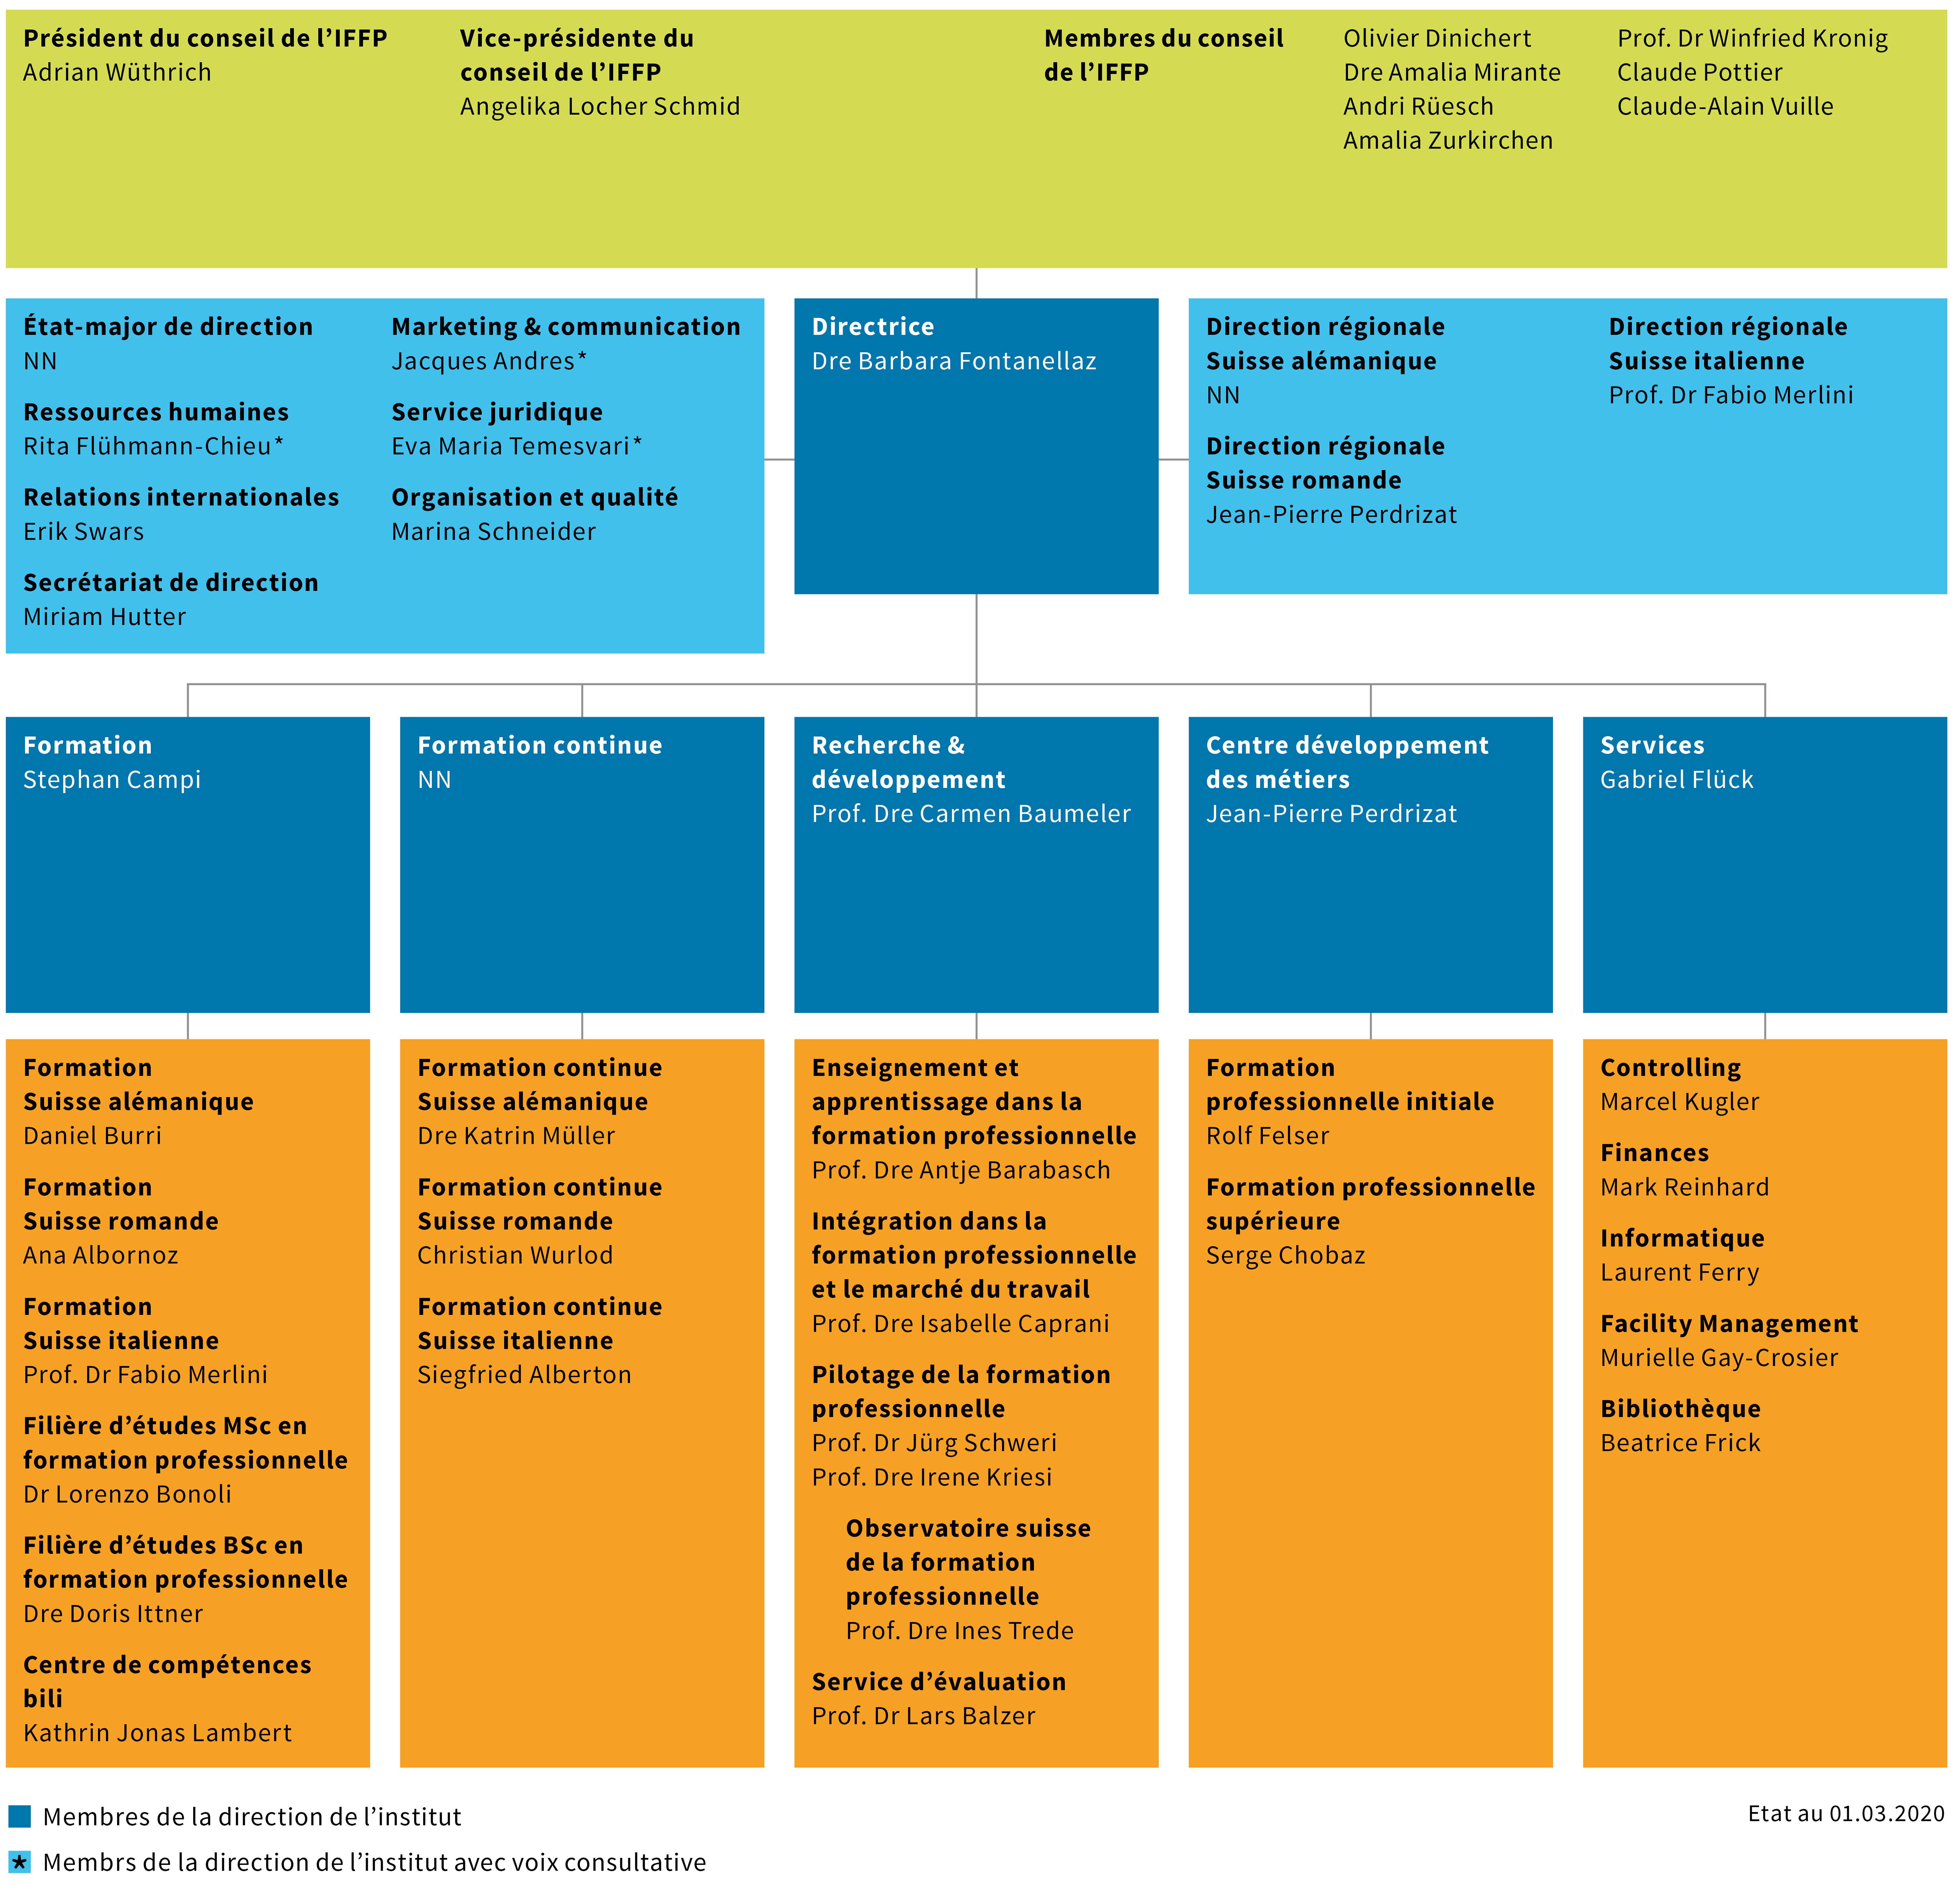 IFFP Organigramme 01.03.2020